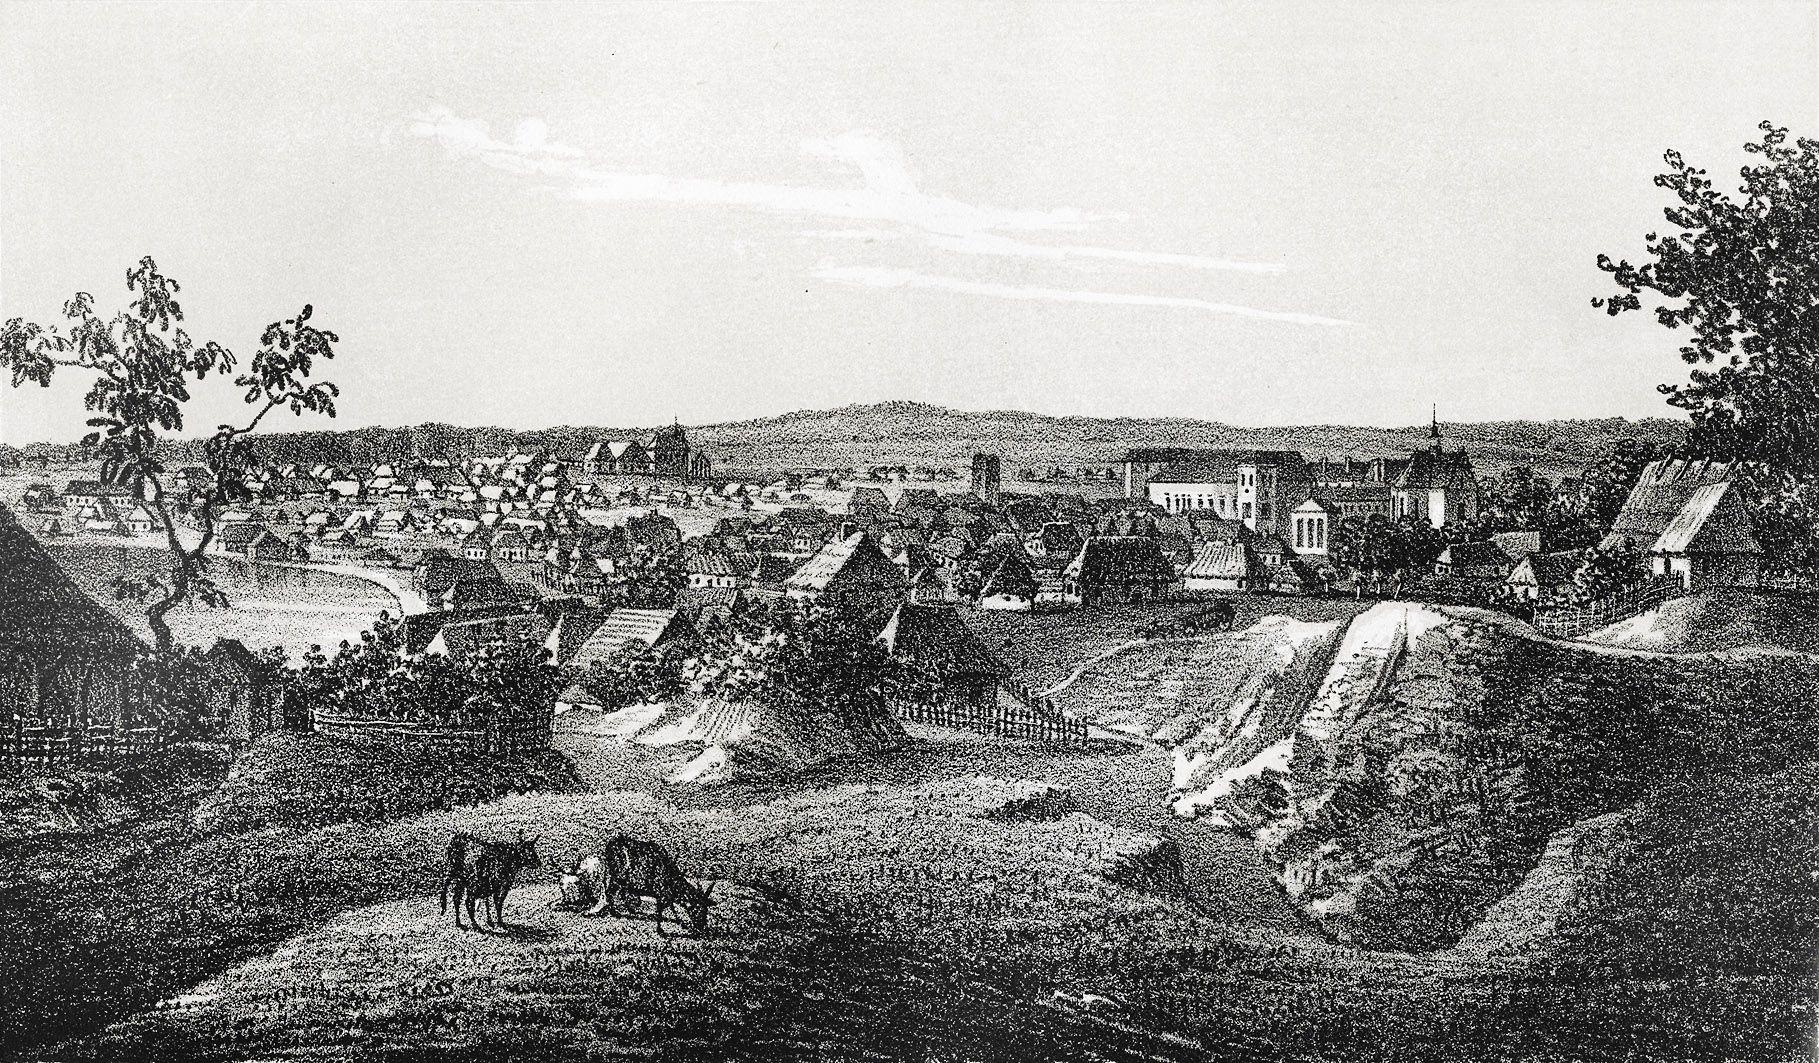 Мацей Боґуш Зиґмунт Стенчинський. Залізці (Заложці) Тернопіль обл, 1848